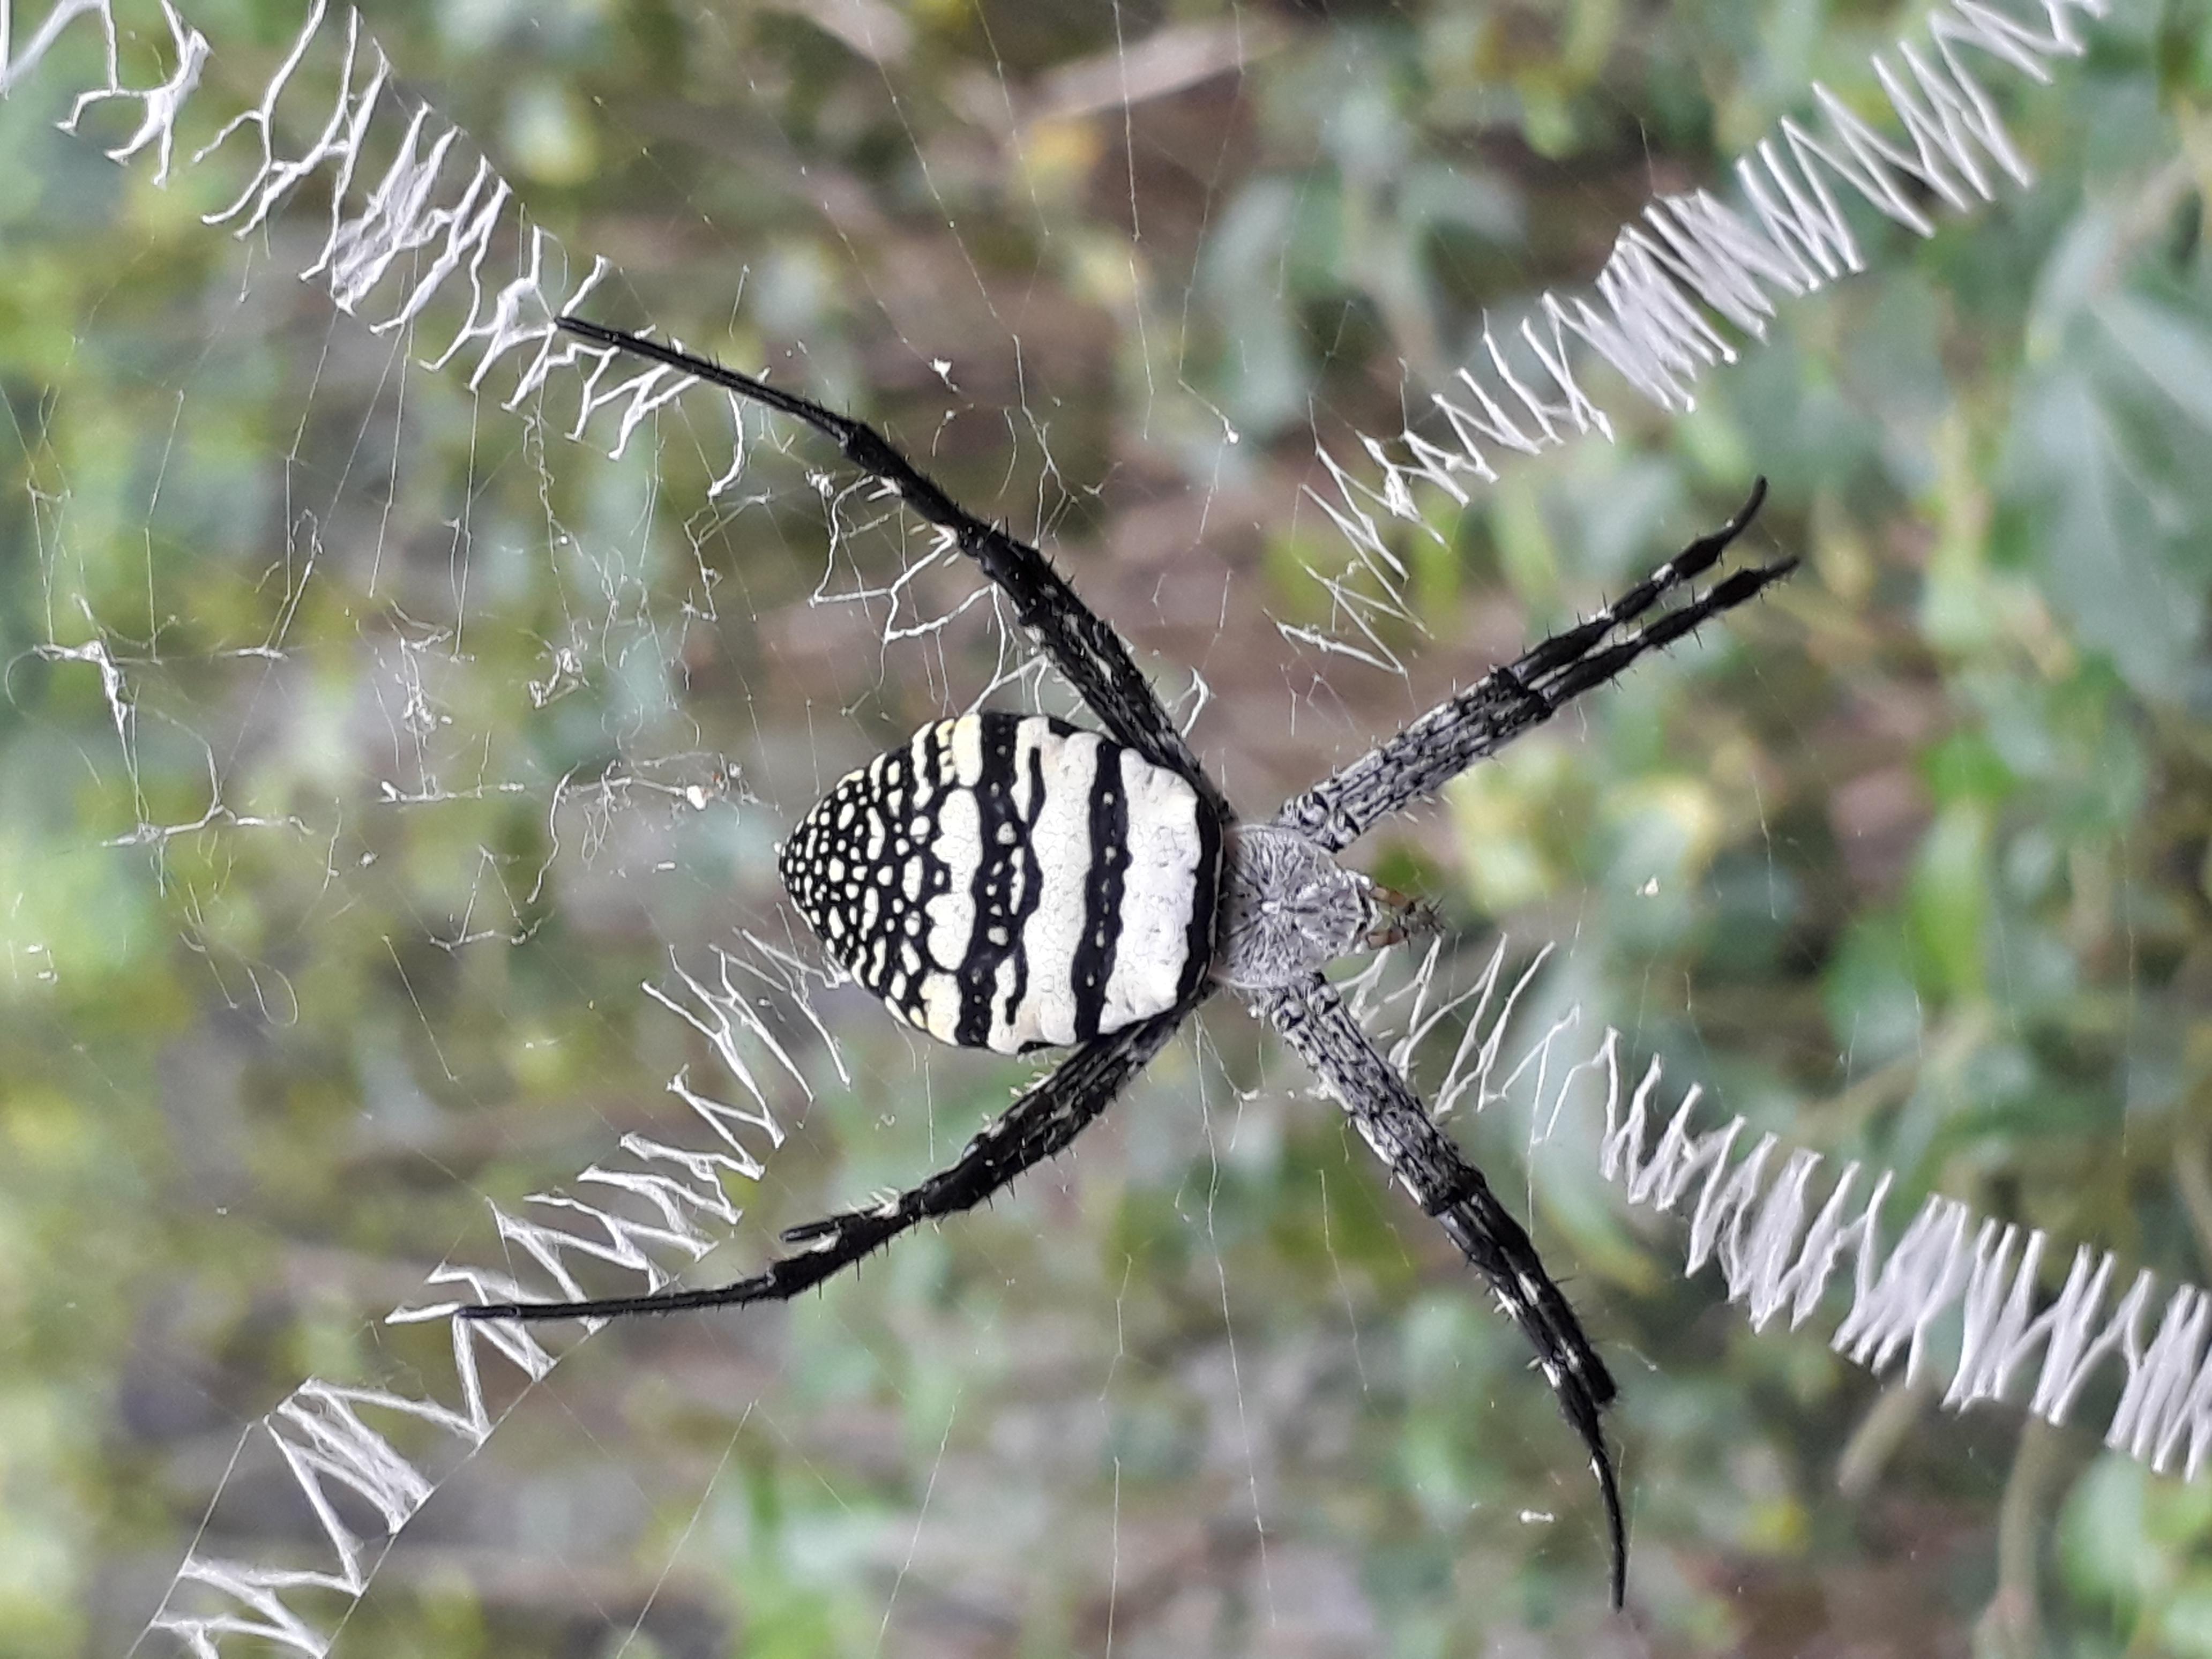 kostenlose foto nest spinne jagd natur schwarz wei wirbellos kosystem fauna orb. Black Bedroom Furniture Sets. Home Design Ideas